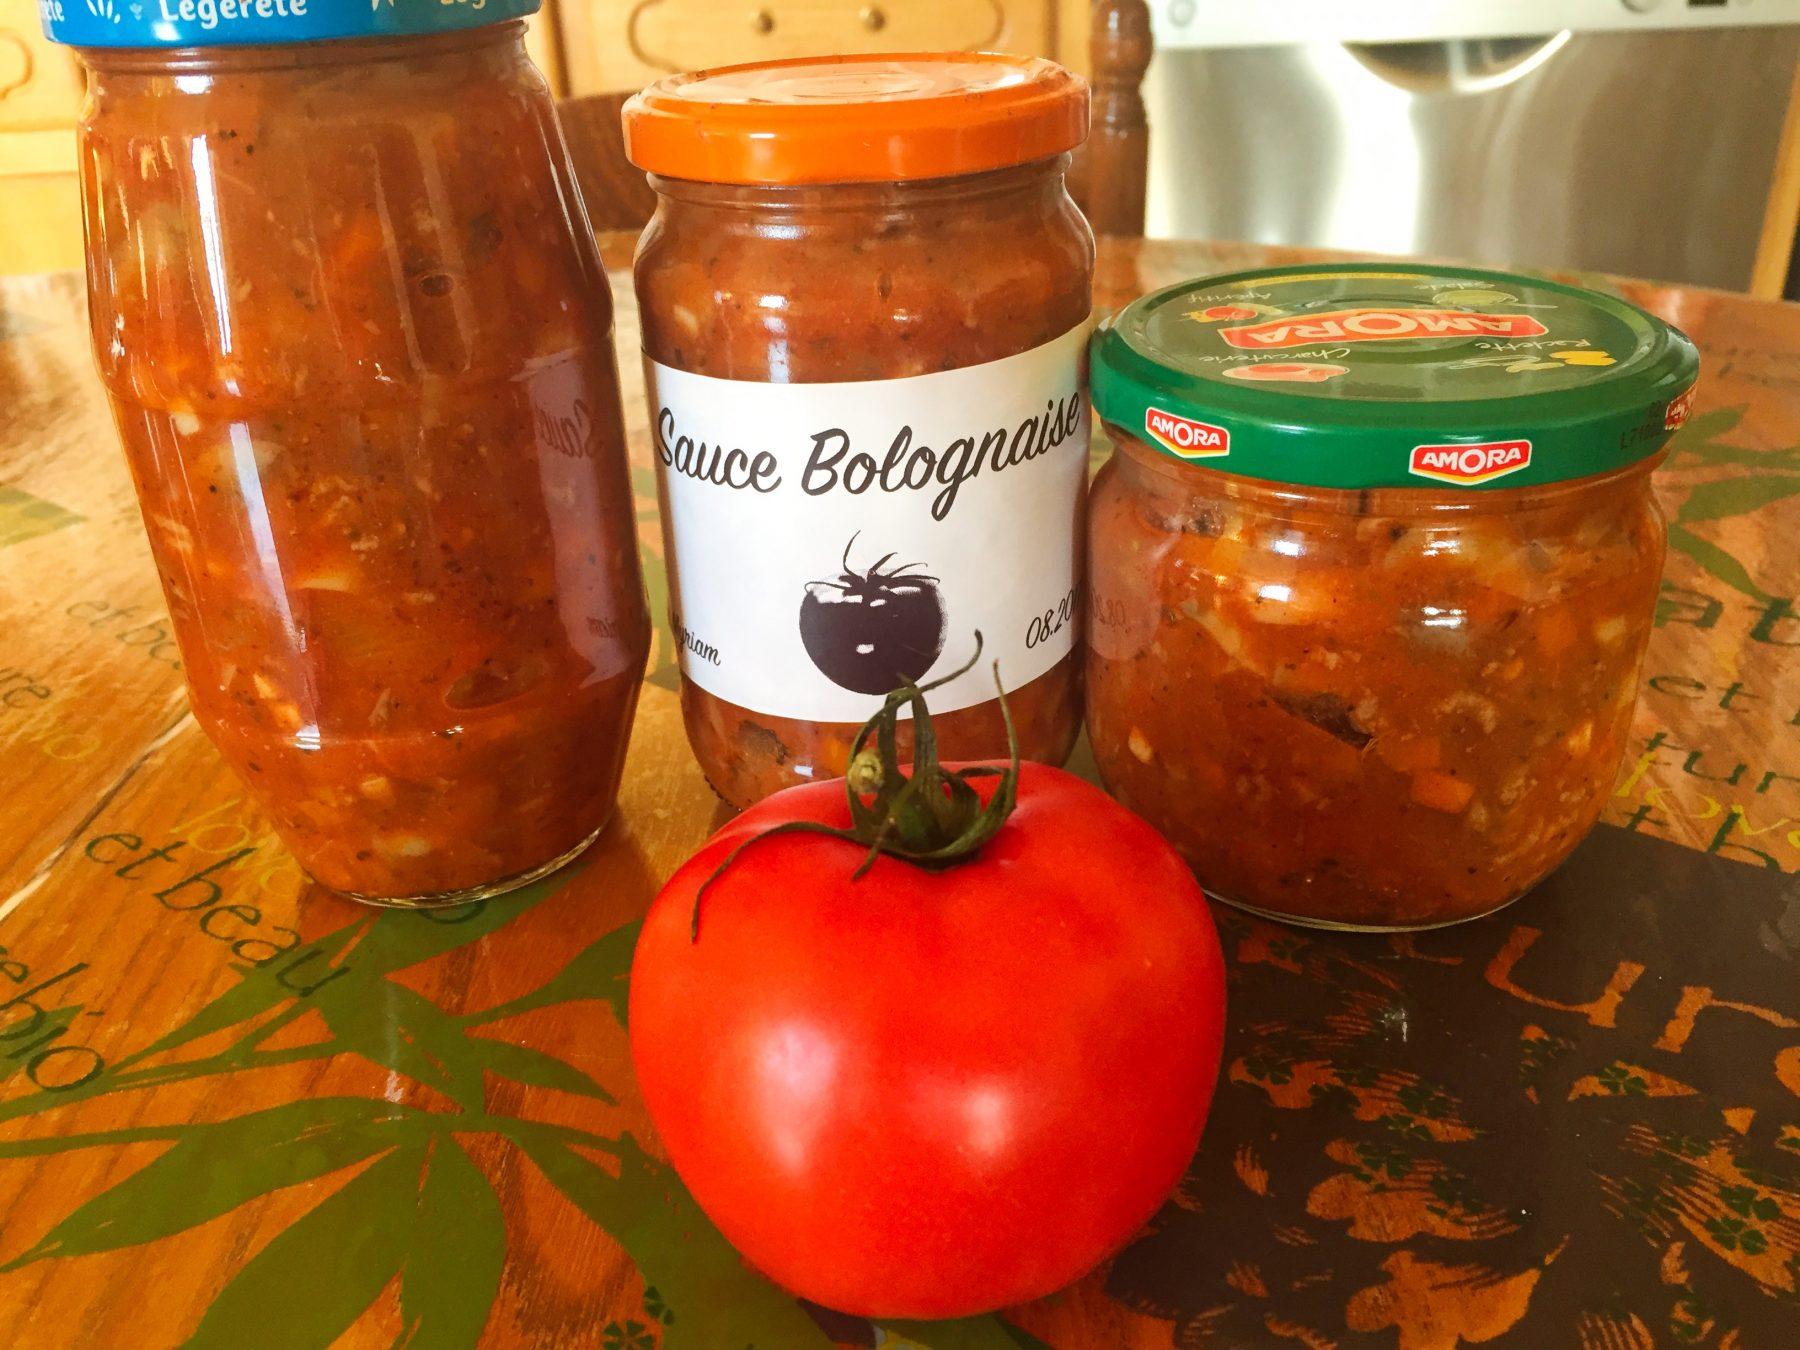 IMG 0845 - Sauce Bolognaise (recette Companion)